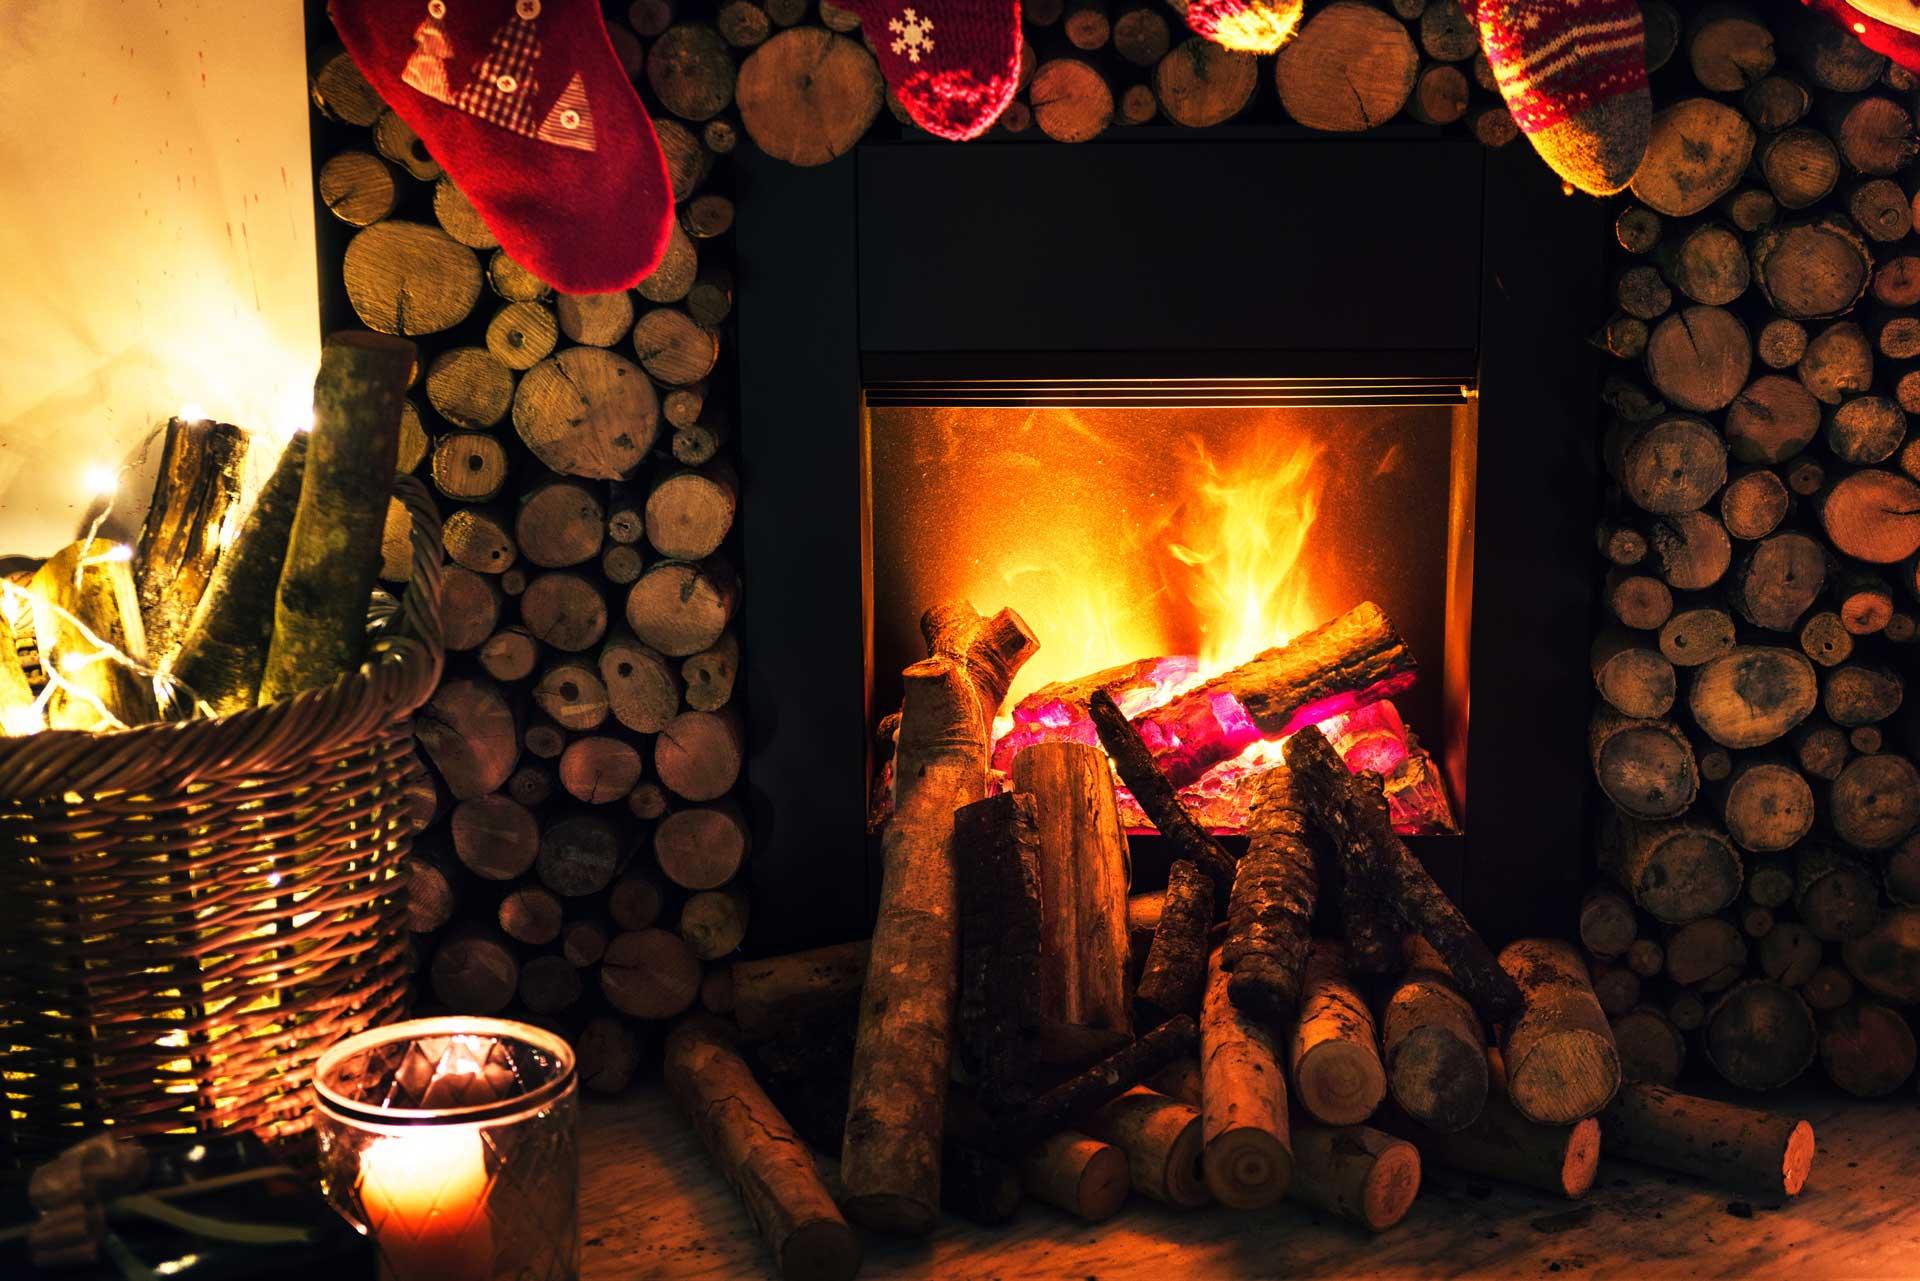 Fermeture annuelle Fermeture annuelle pour Noël - Bucheafeu dans le Gard Noël - Bucheafeu